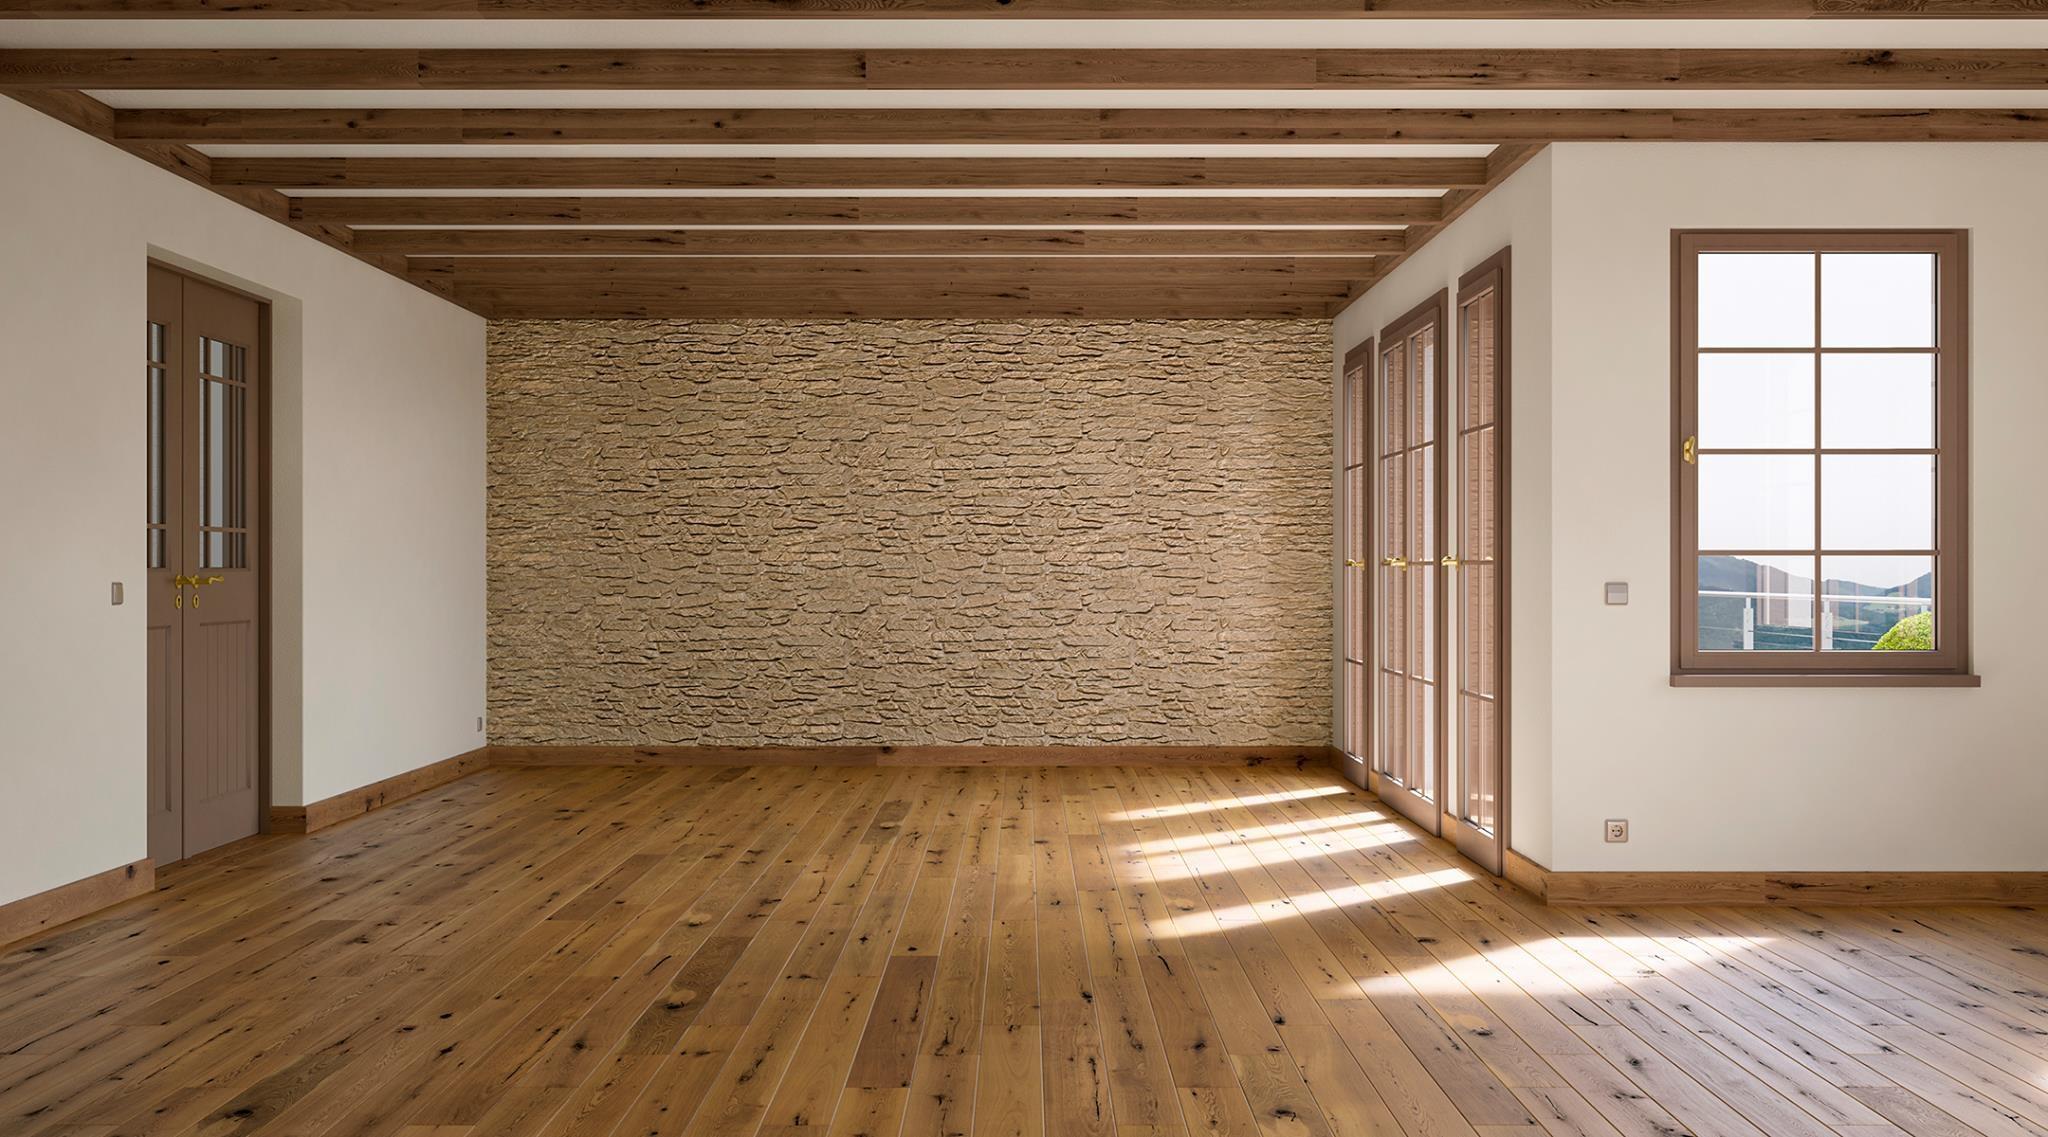 holzdecke bilder ideen couchstyle. Black Bedroom Furniture Sets. Home Design Ideas